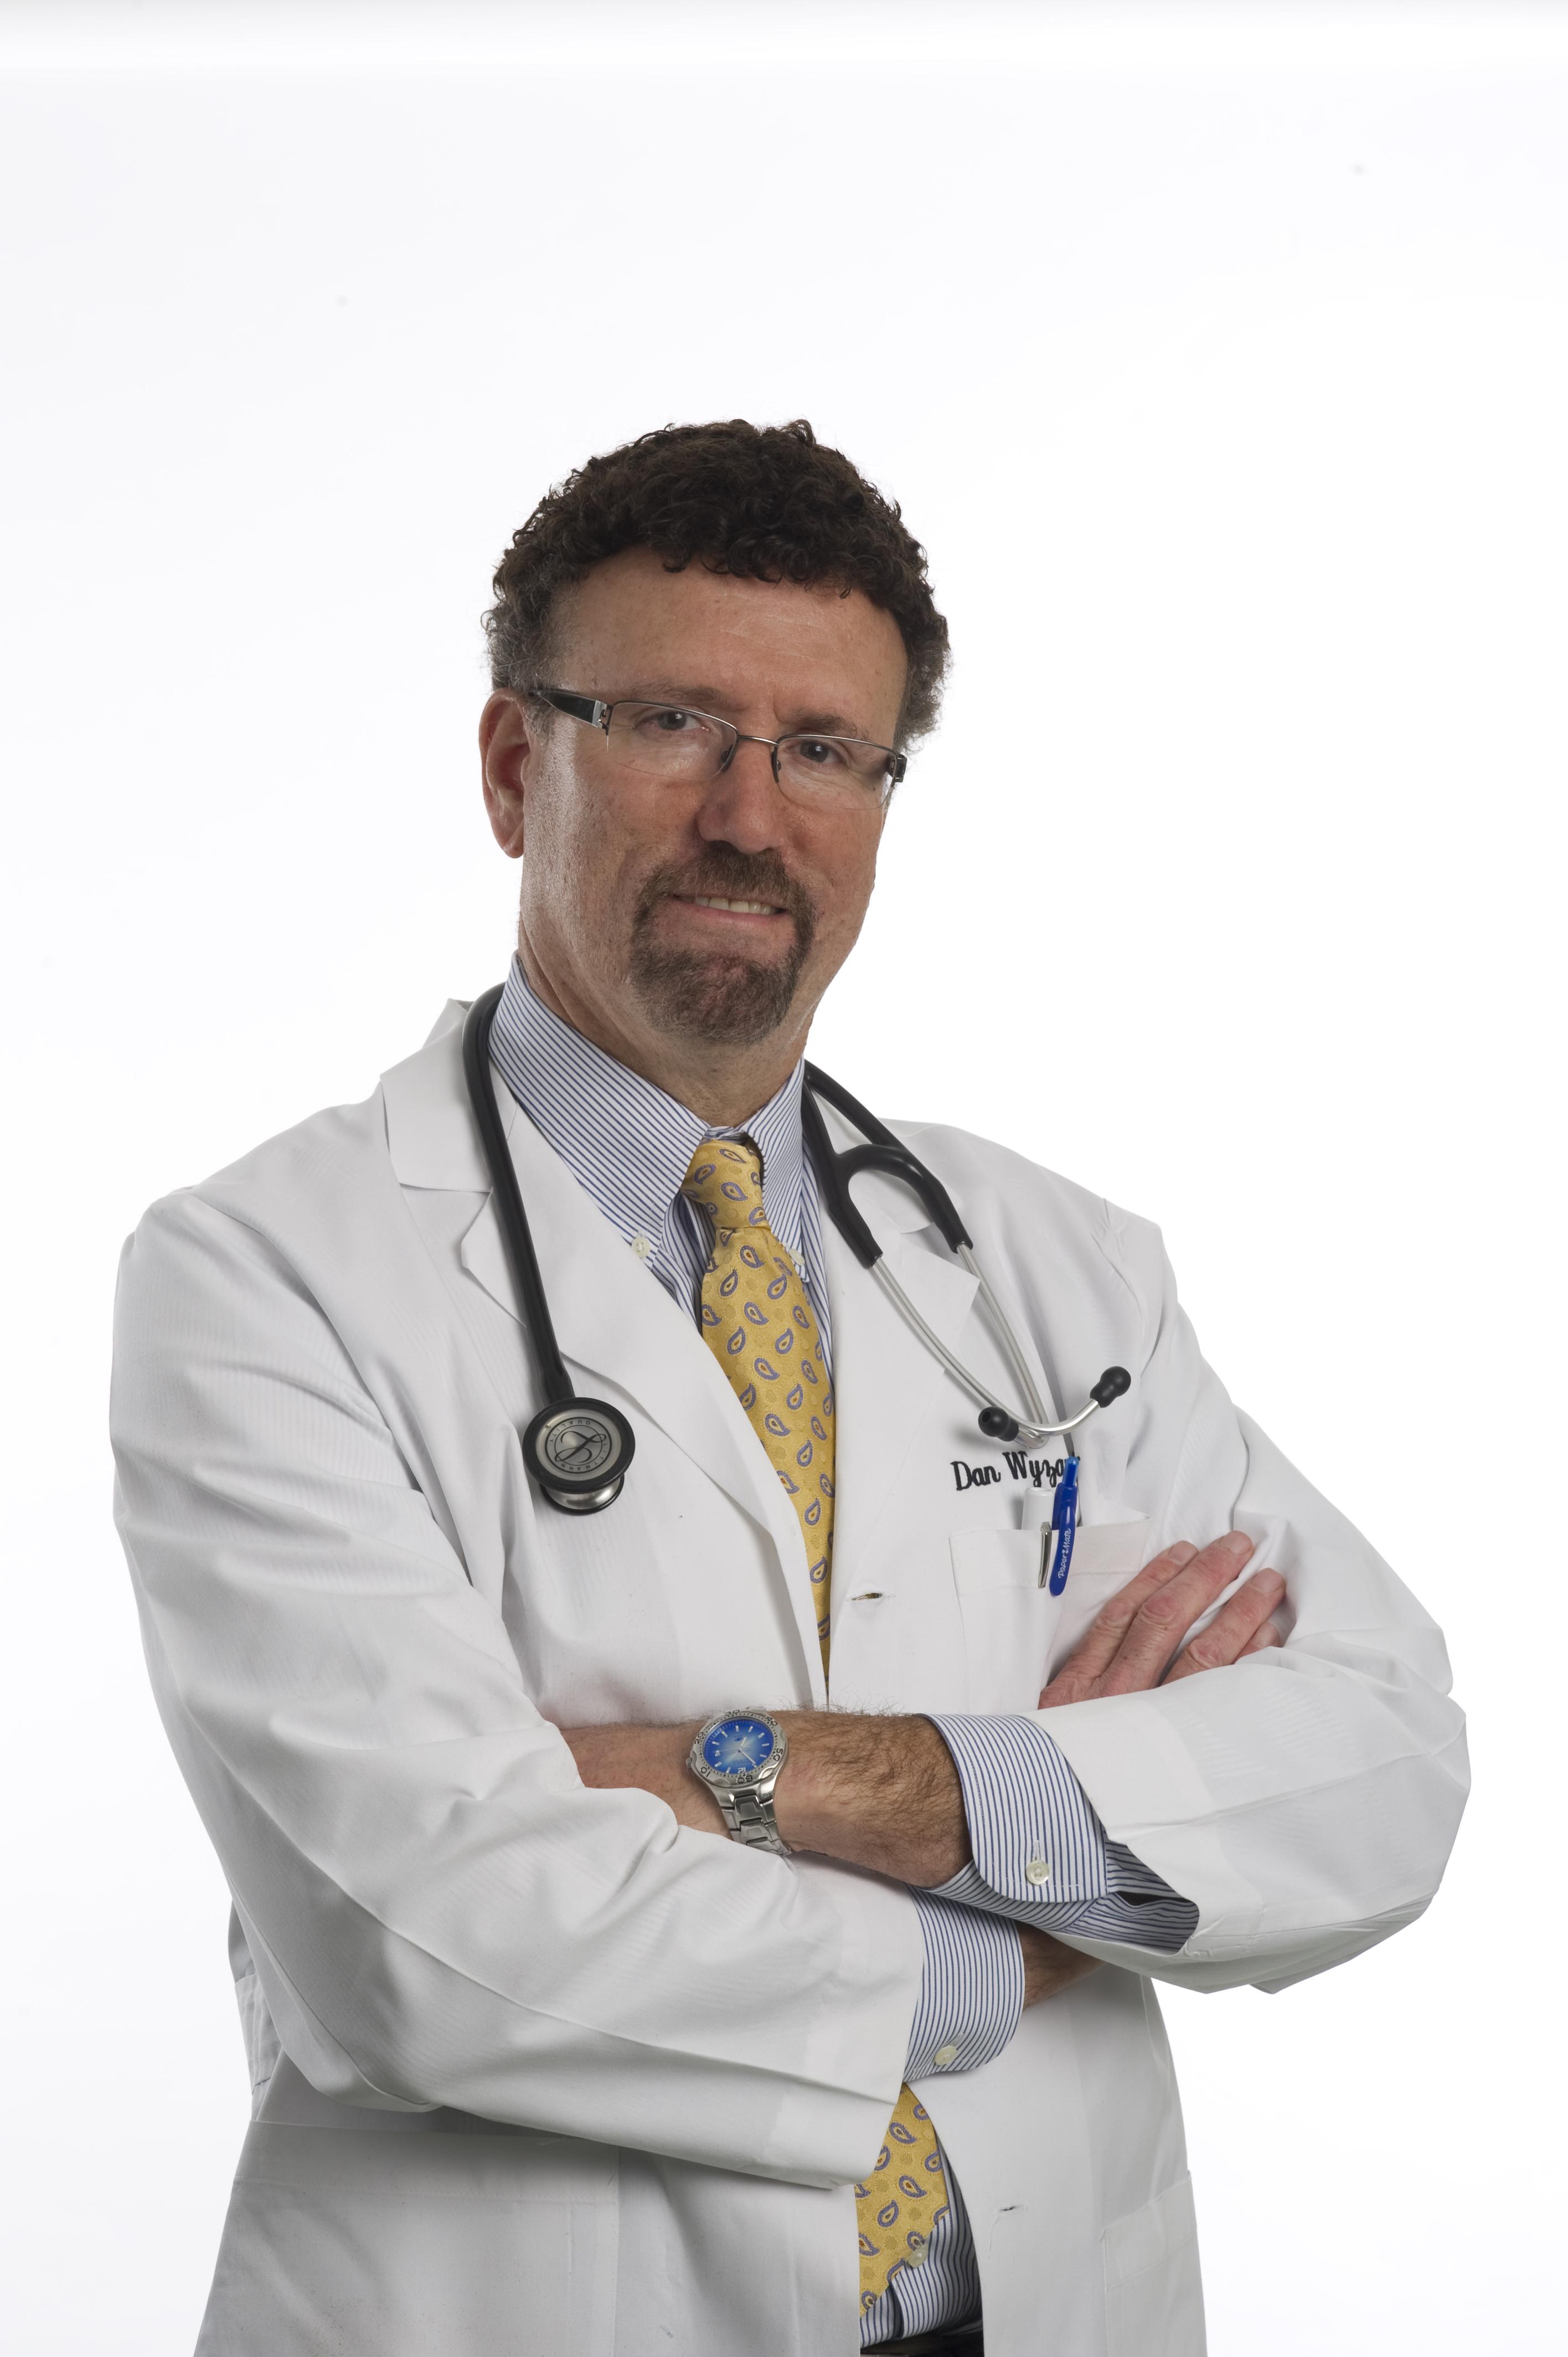 Daniel Wyzan, MD